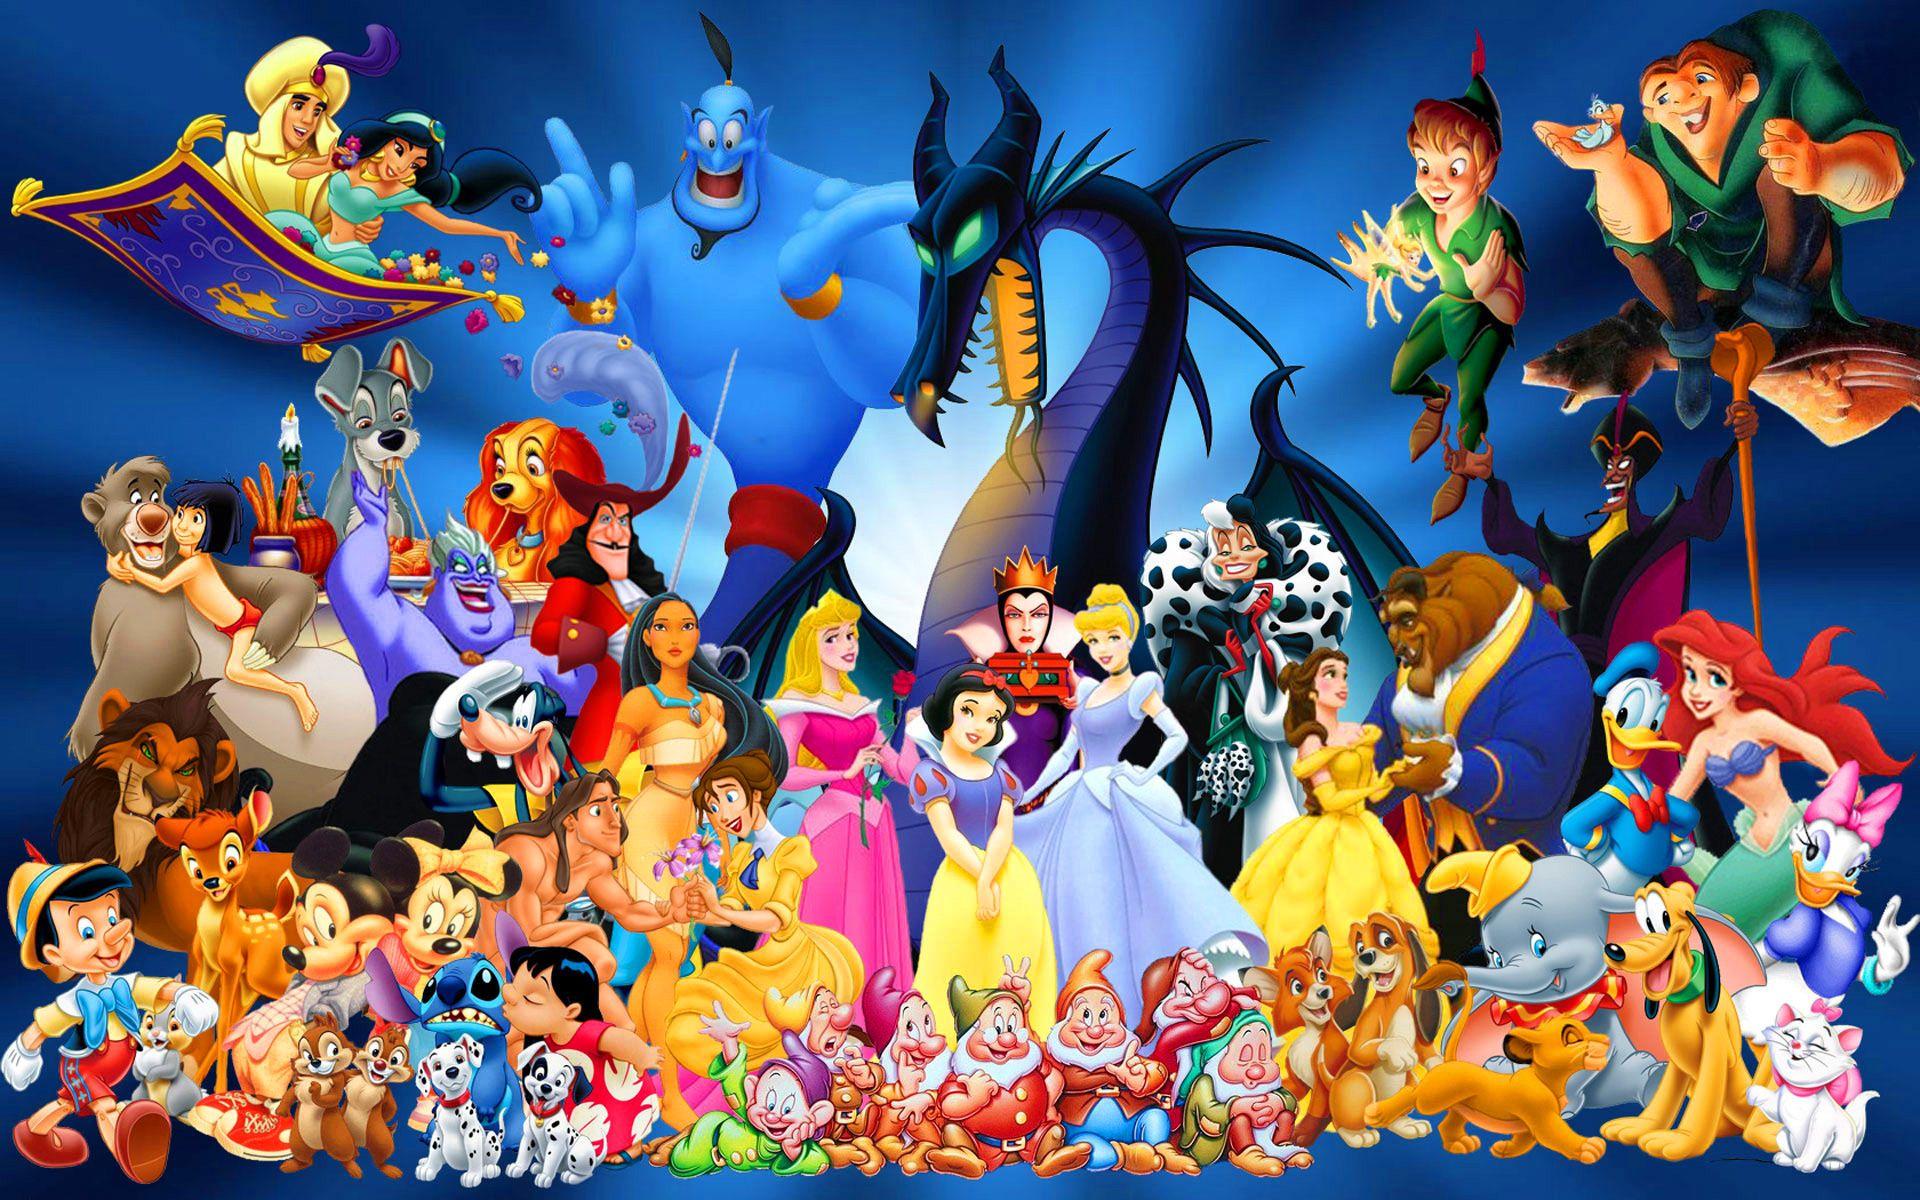 Disney Desktop Wallpaper In 2020 Disney Characters Wallpaper Disney Quiz All Disney Characters